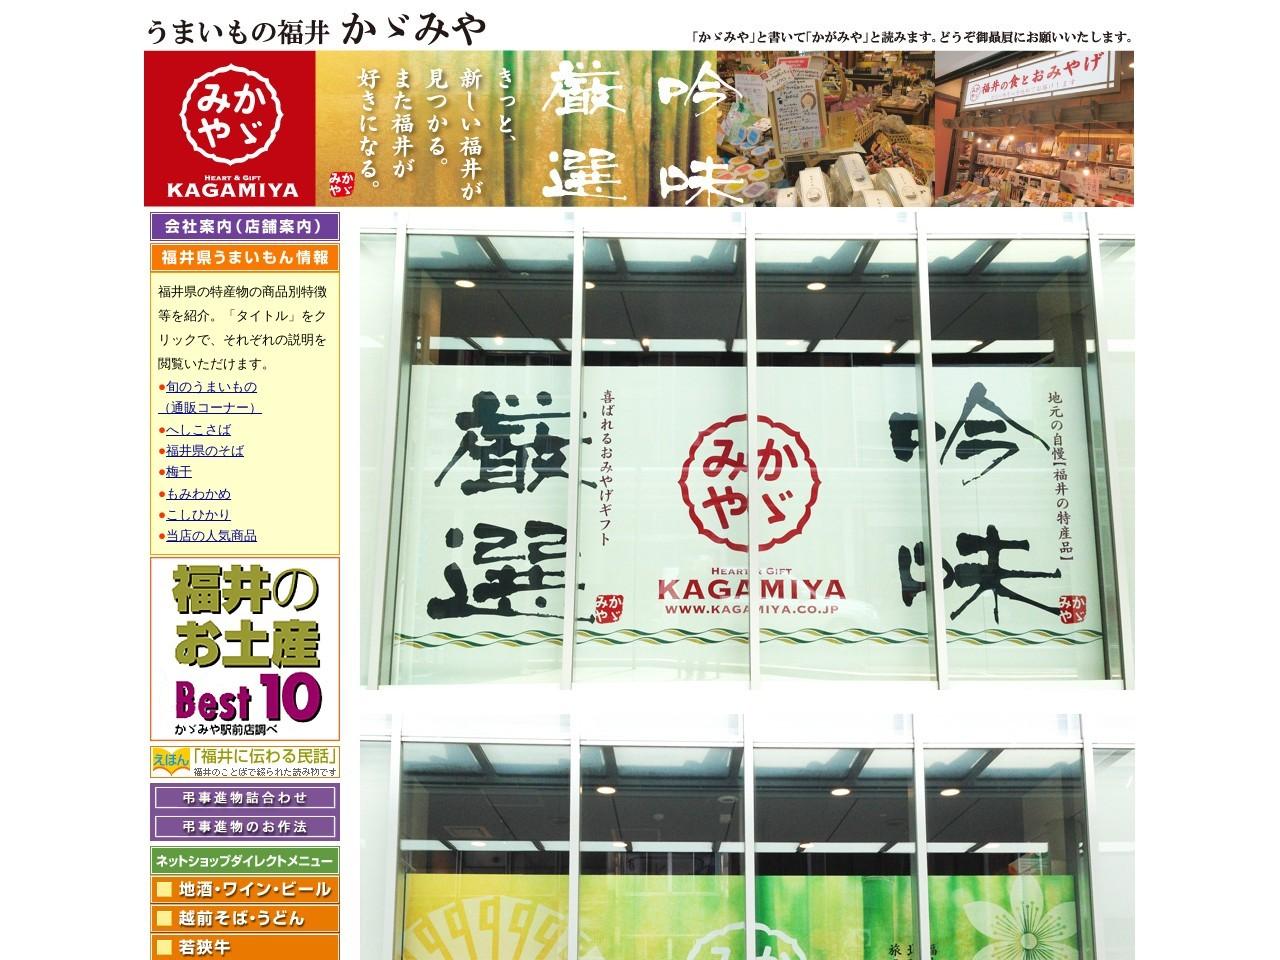 福井県の名物・特産品『かゞみや』産地直送で通信販売